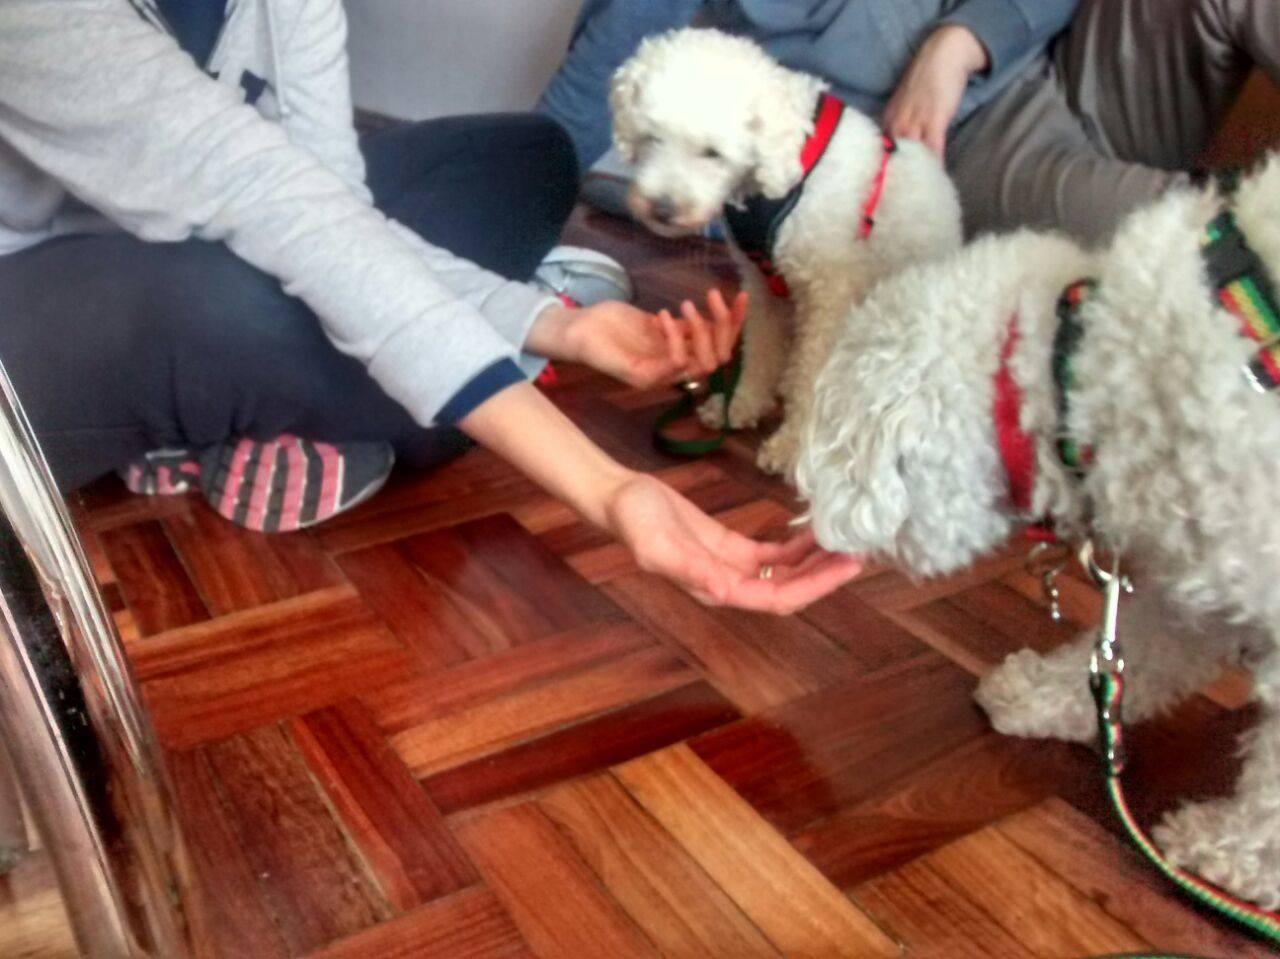 Educación caninca - Casos: dos perros caniches con problemas de inseguridad